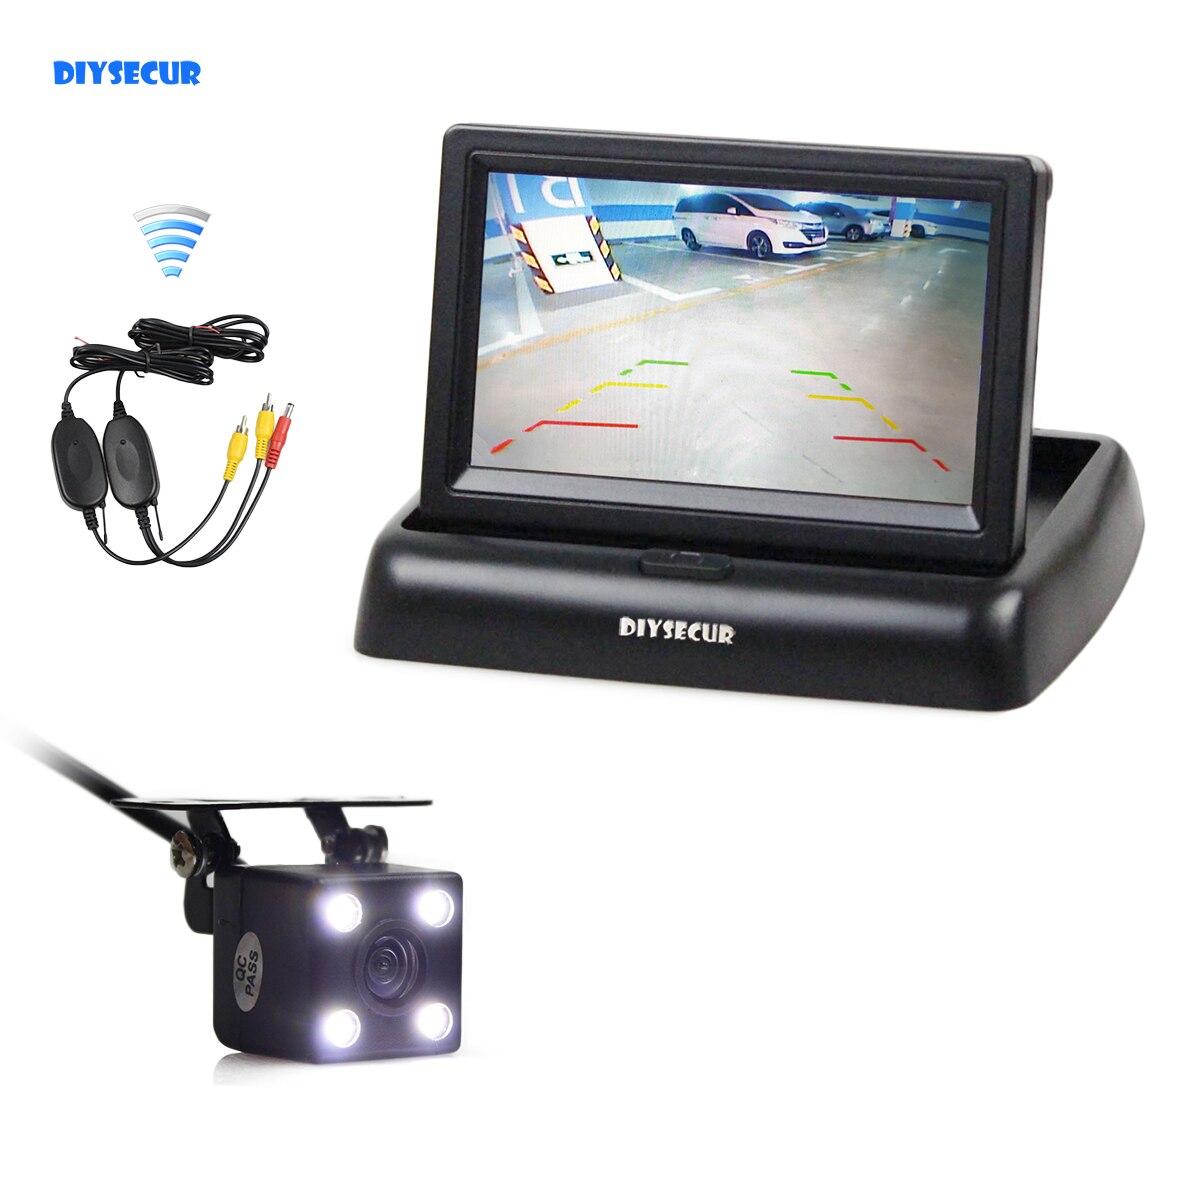 DIYSECUR Kit de caméra de recul de voiture sans fil 4.3 pouces moniteur de voiture écran LCD LED de sécurité Vision nocturne caméra de recul de voiture